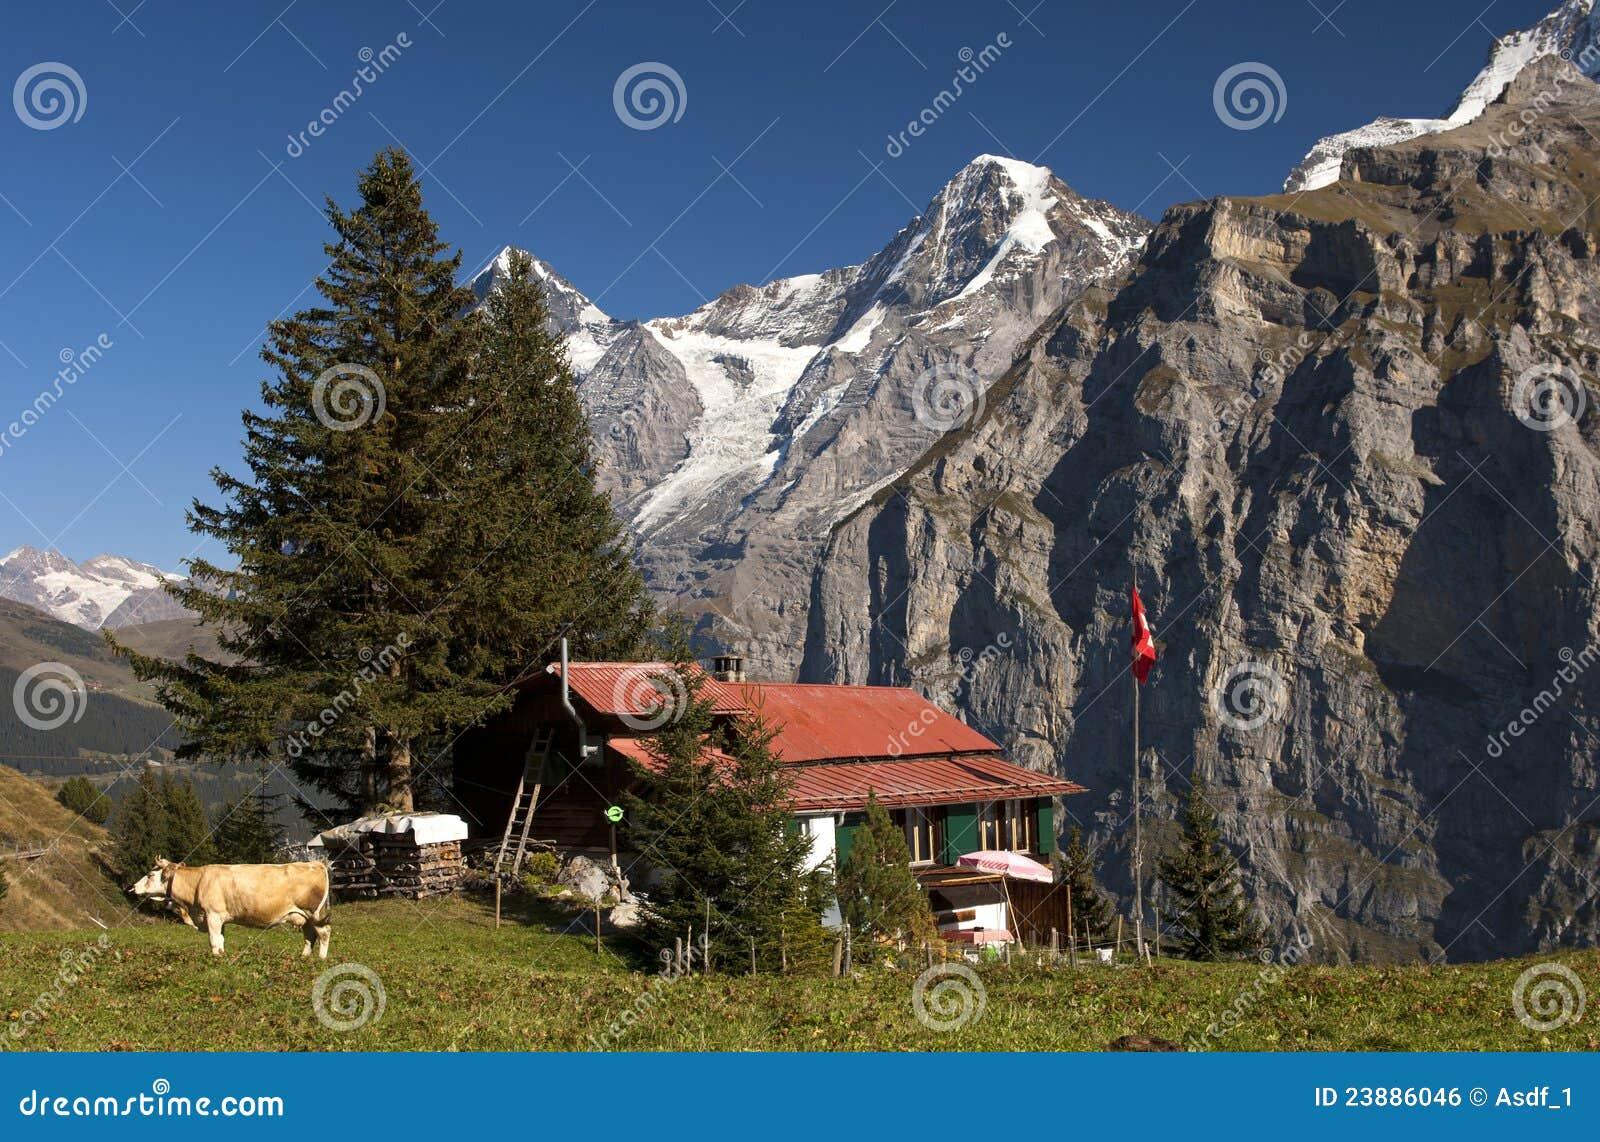 alpes avec la maison de ferme suisse image libre de droits image 23886046. Black Bedroom Furniture Sets. Home Design Ideas